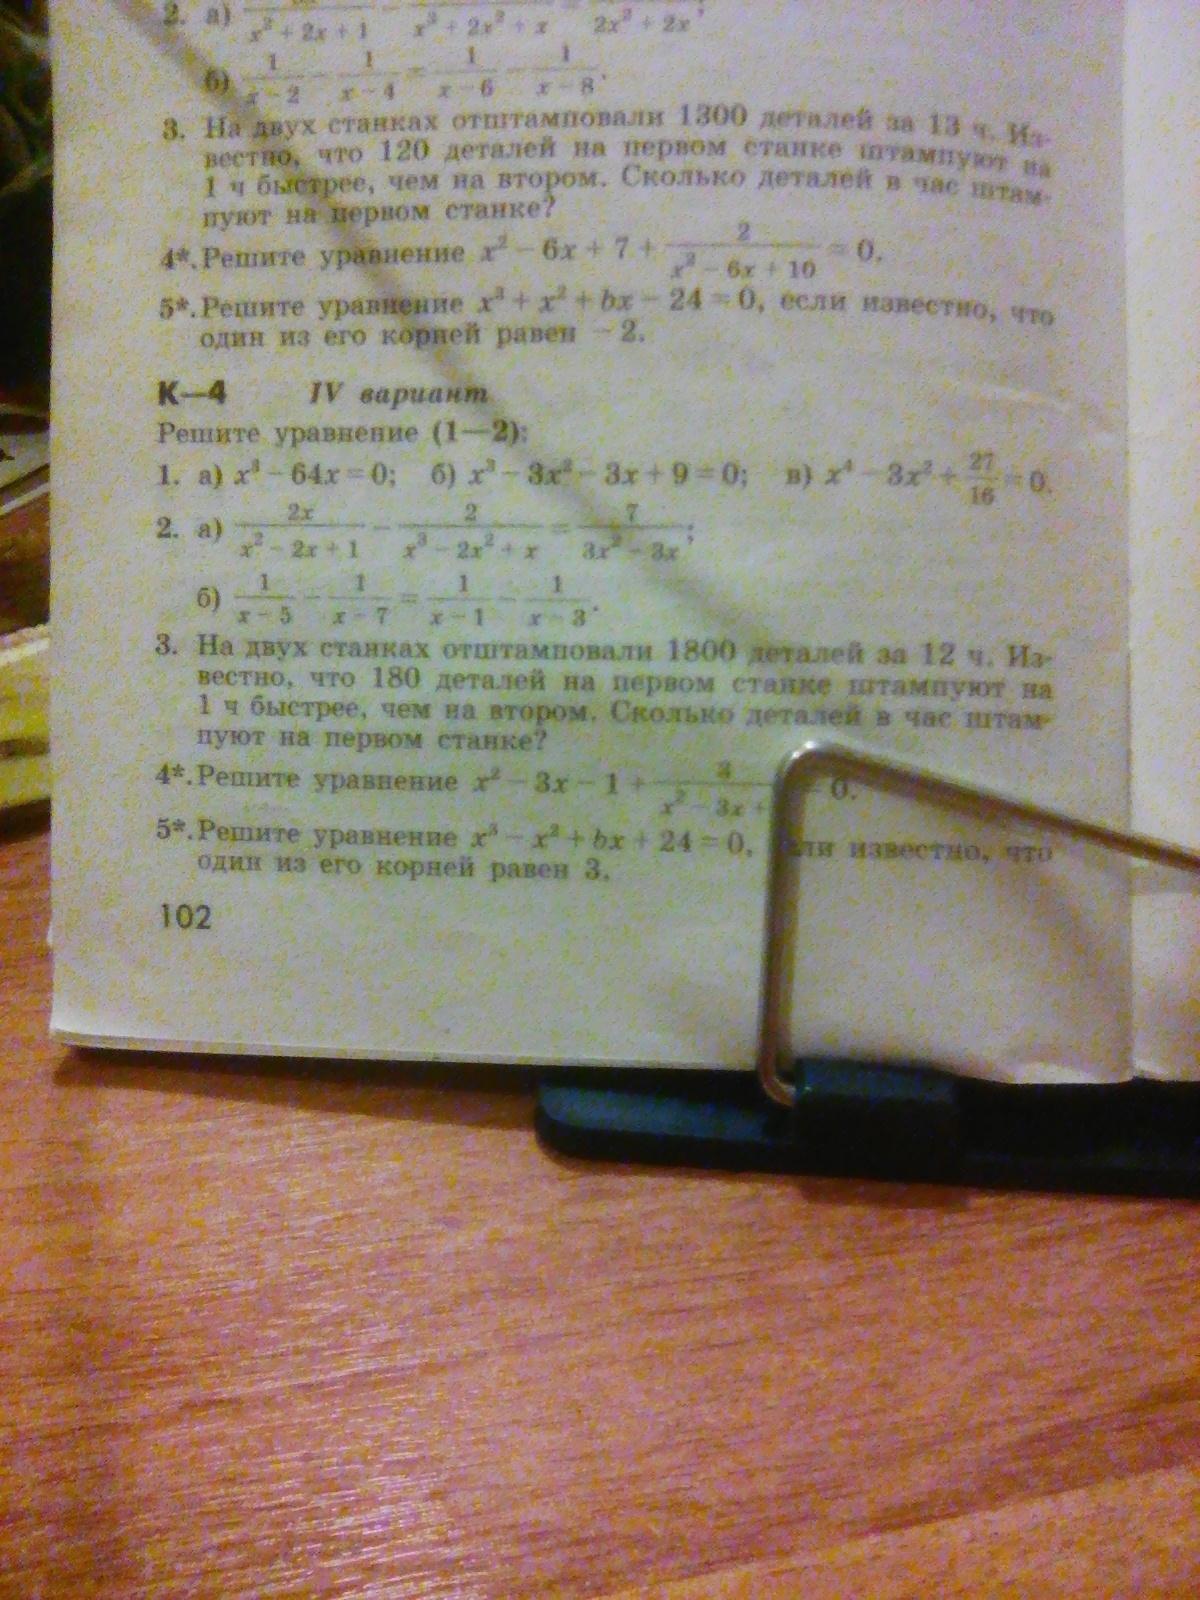 Как составить уравнение в задаче?<br>Что обозначить за х?<br>Номер 3